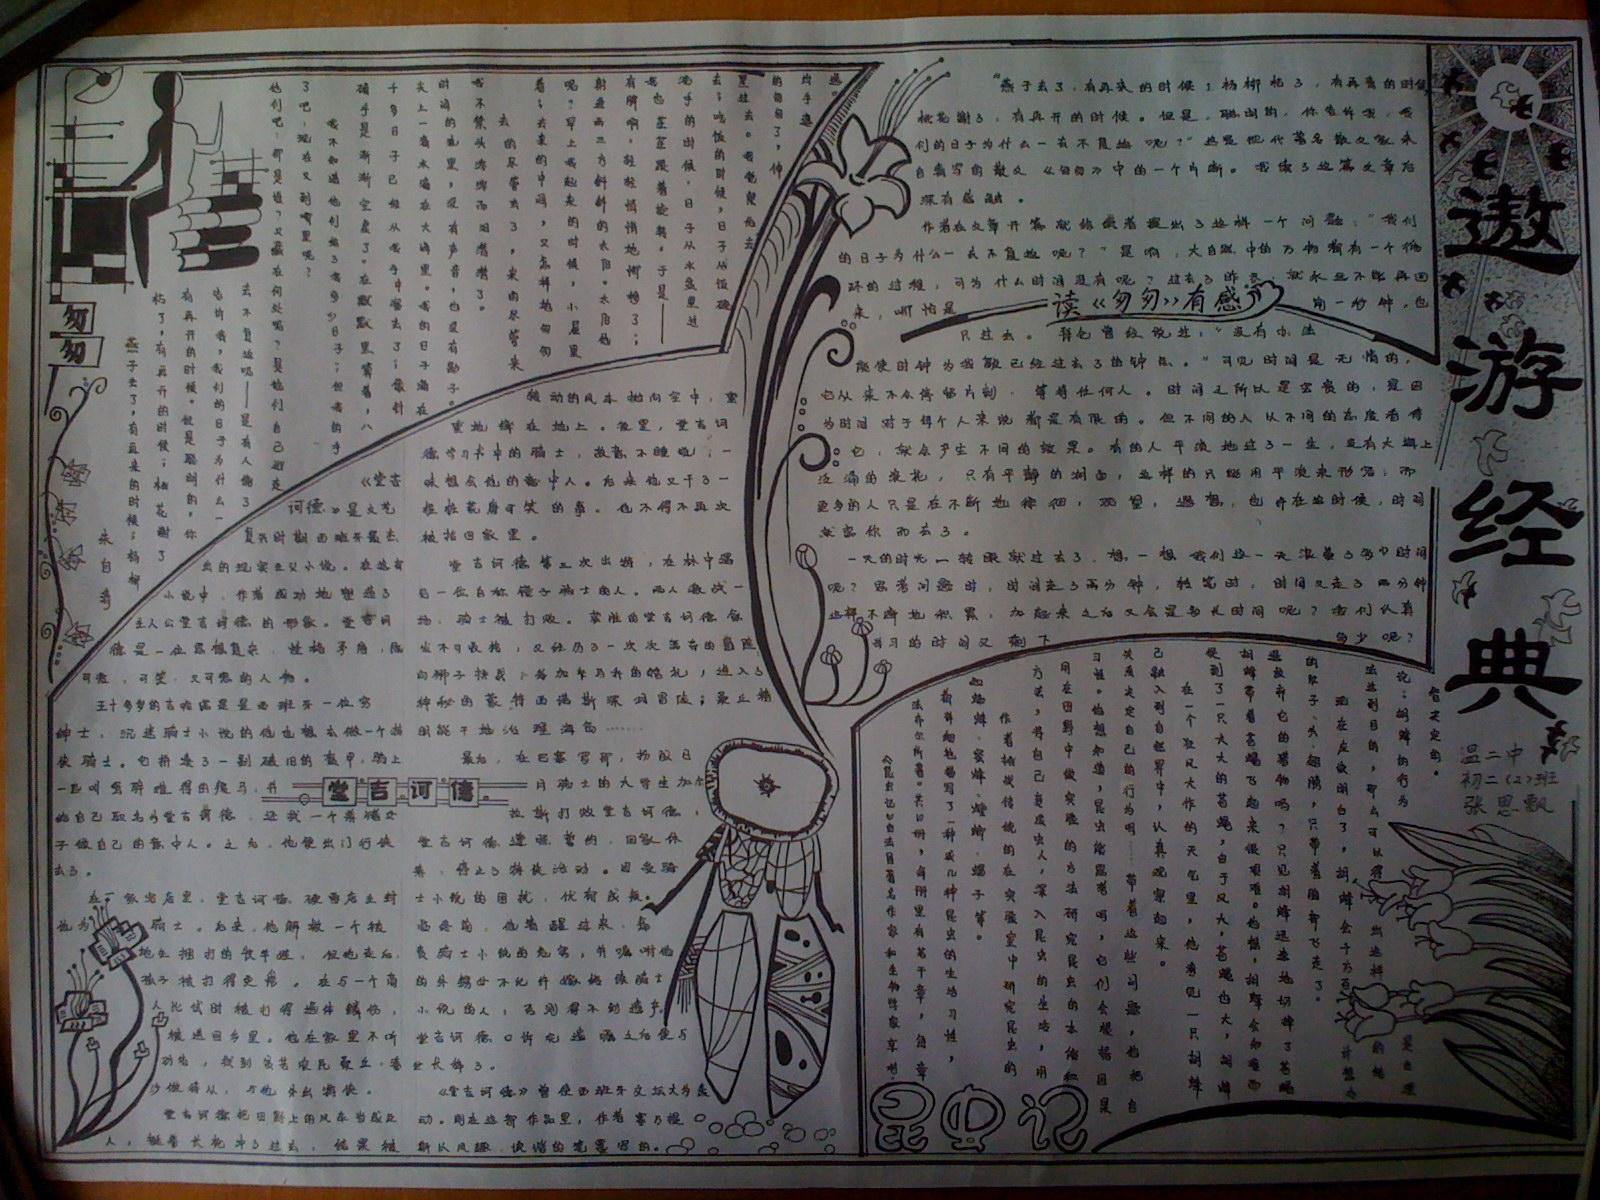 最简单的孝道手抄报-植树节手抄报简单好看-植树节手